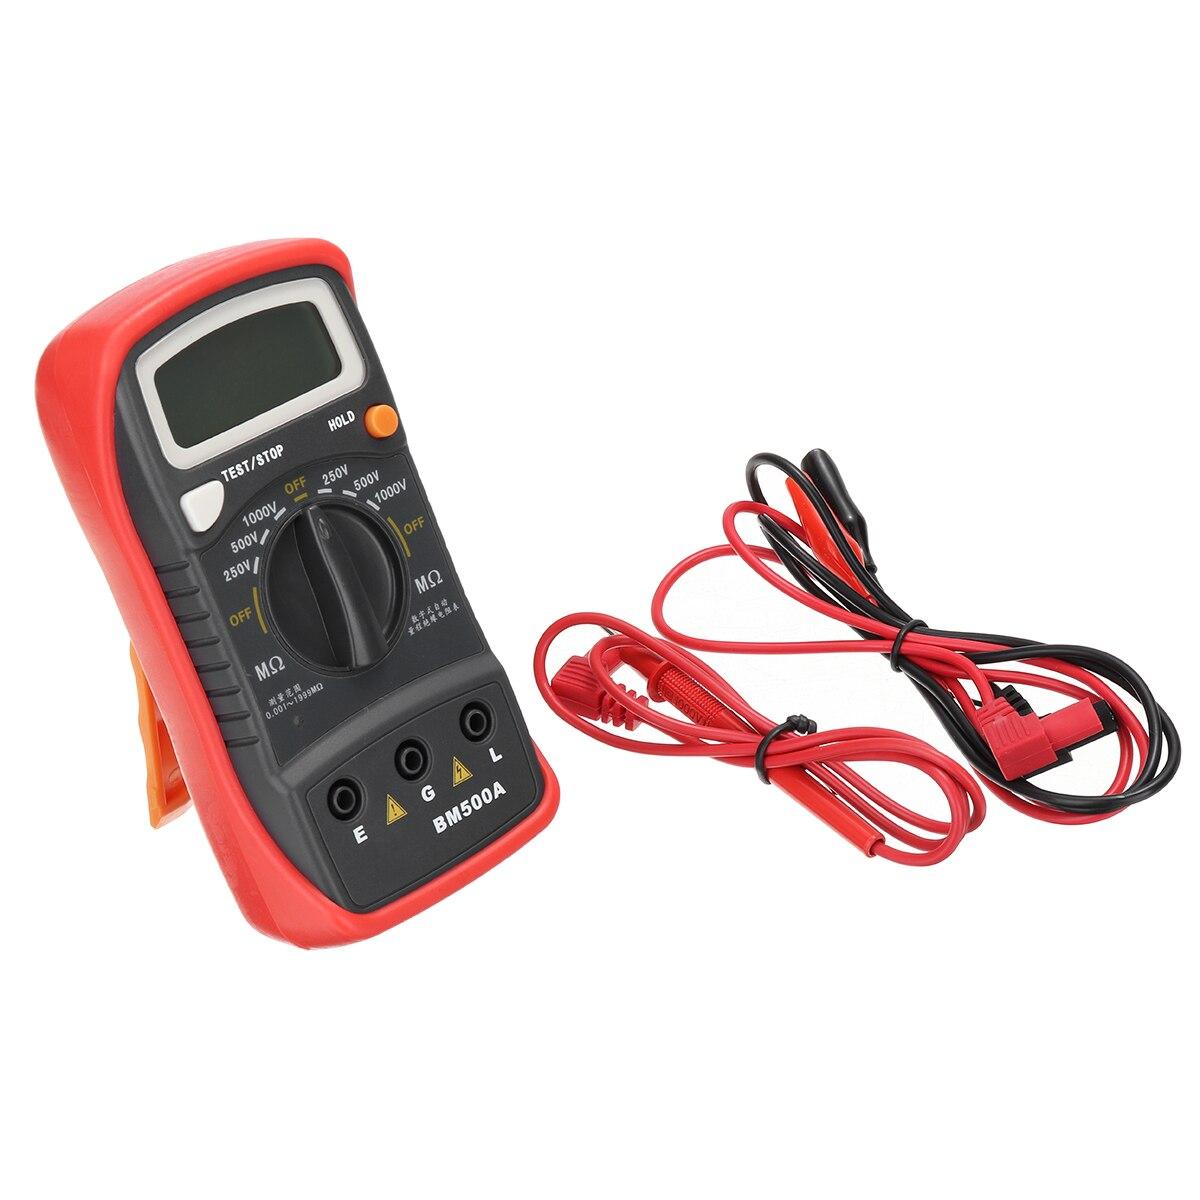 1000V BM500A Handheld Digital LCD Resistance Tester High Accuracy Insulation Resistance Testing Meter Megohmmeter Megger